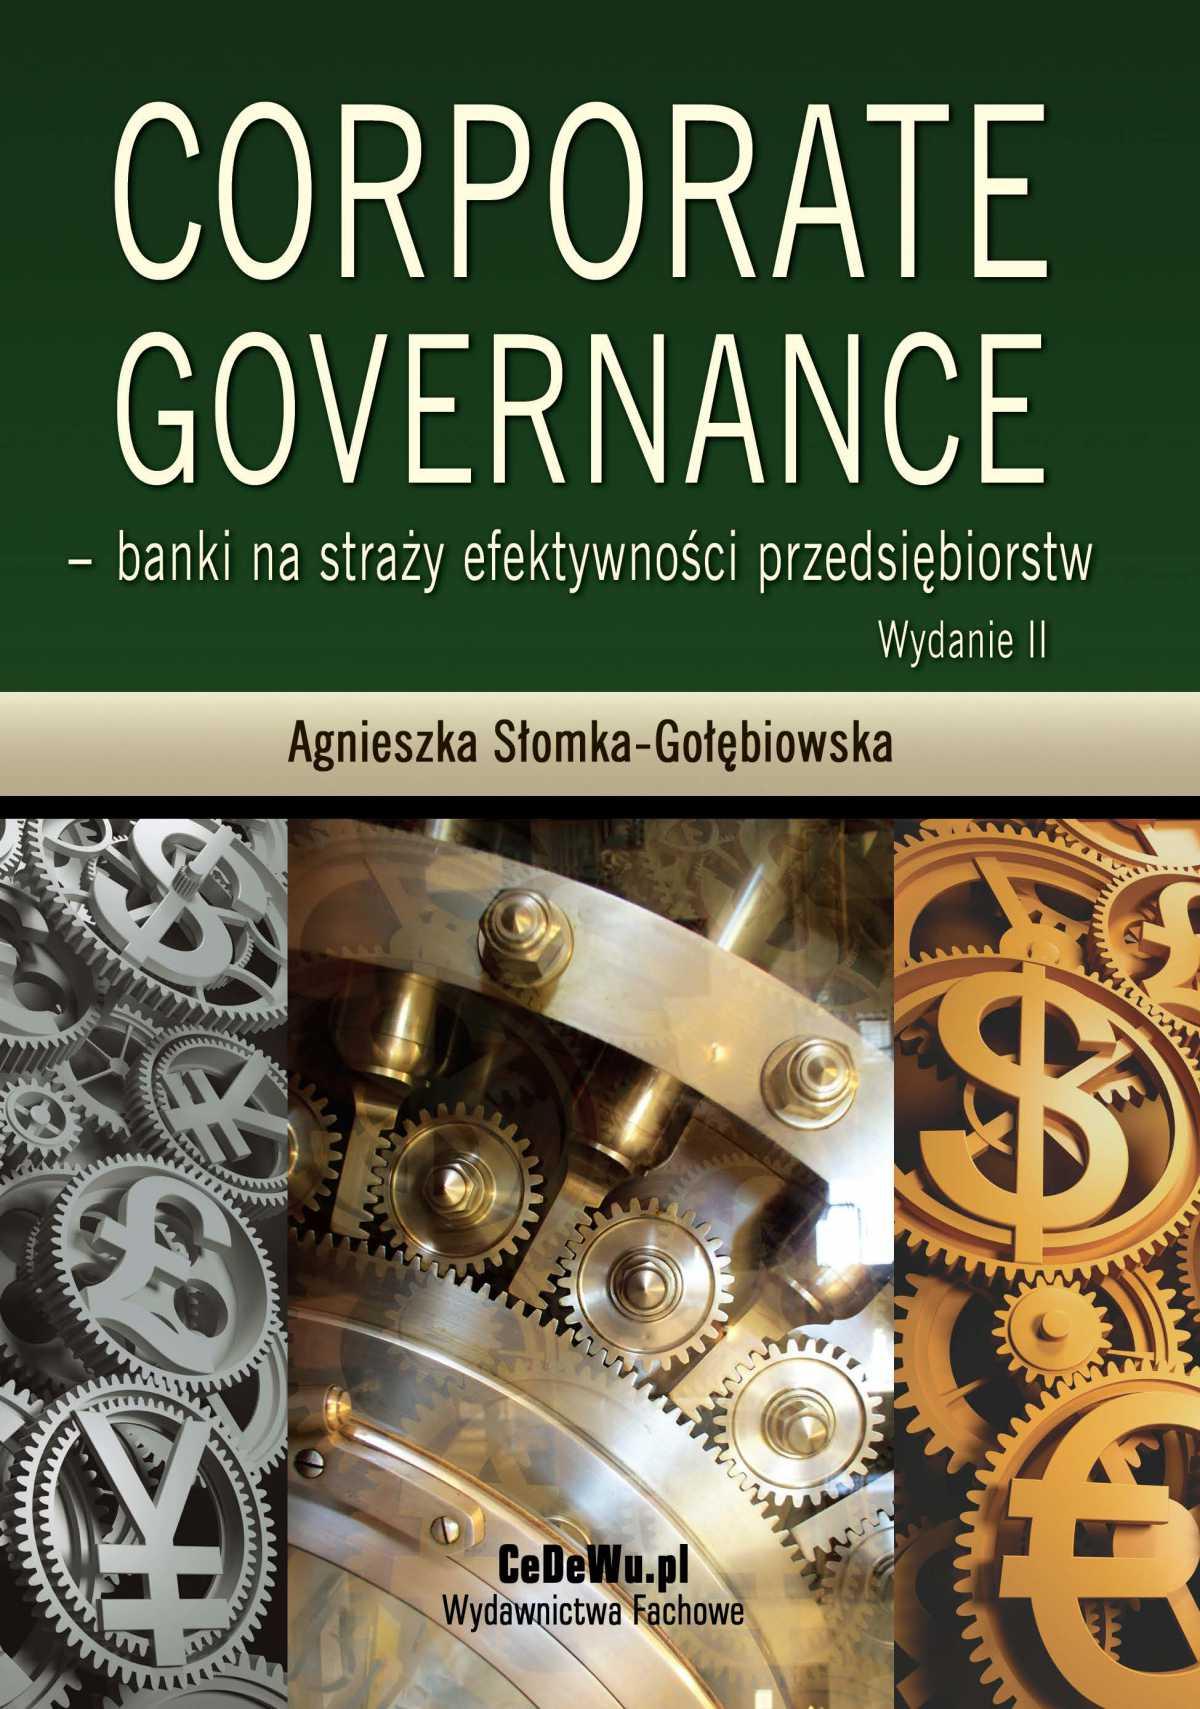 Corporate governance - banki na straży efektywności przedsiębiorstw. Wydanie 3 - Ebook (Książka PDF) do pobrania w formacie PDF